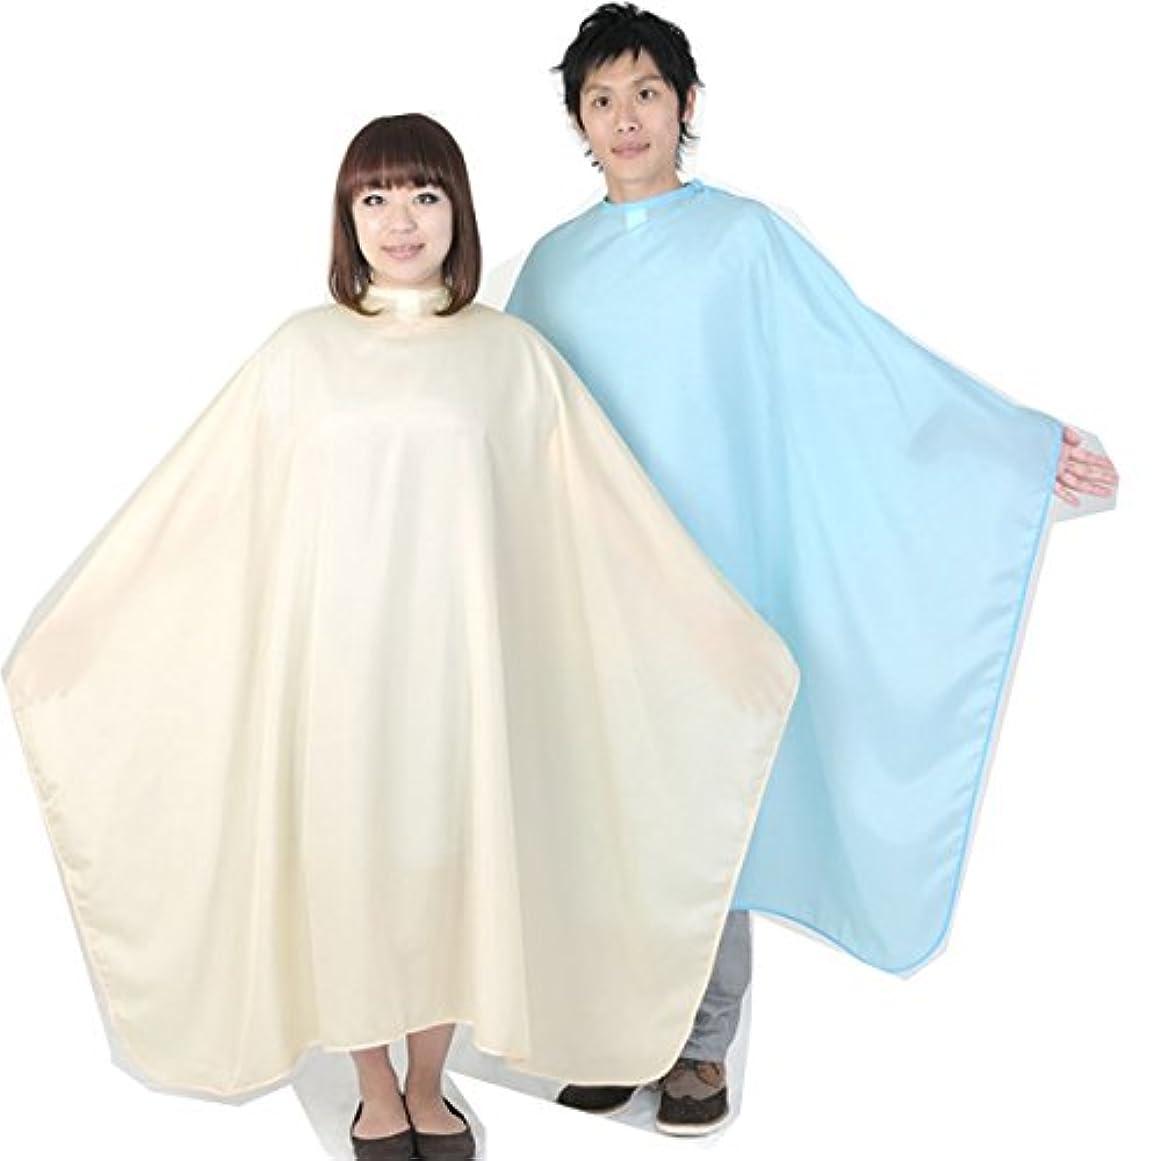 鷲絶対にそっとエクセル No.3112 ビッグ刈布 袖無し カット専用 ポリエステル100% 日本製 カットクロス?散髪ケープ?散髪クロス (ベージュ)